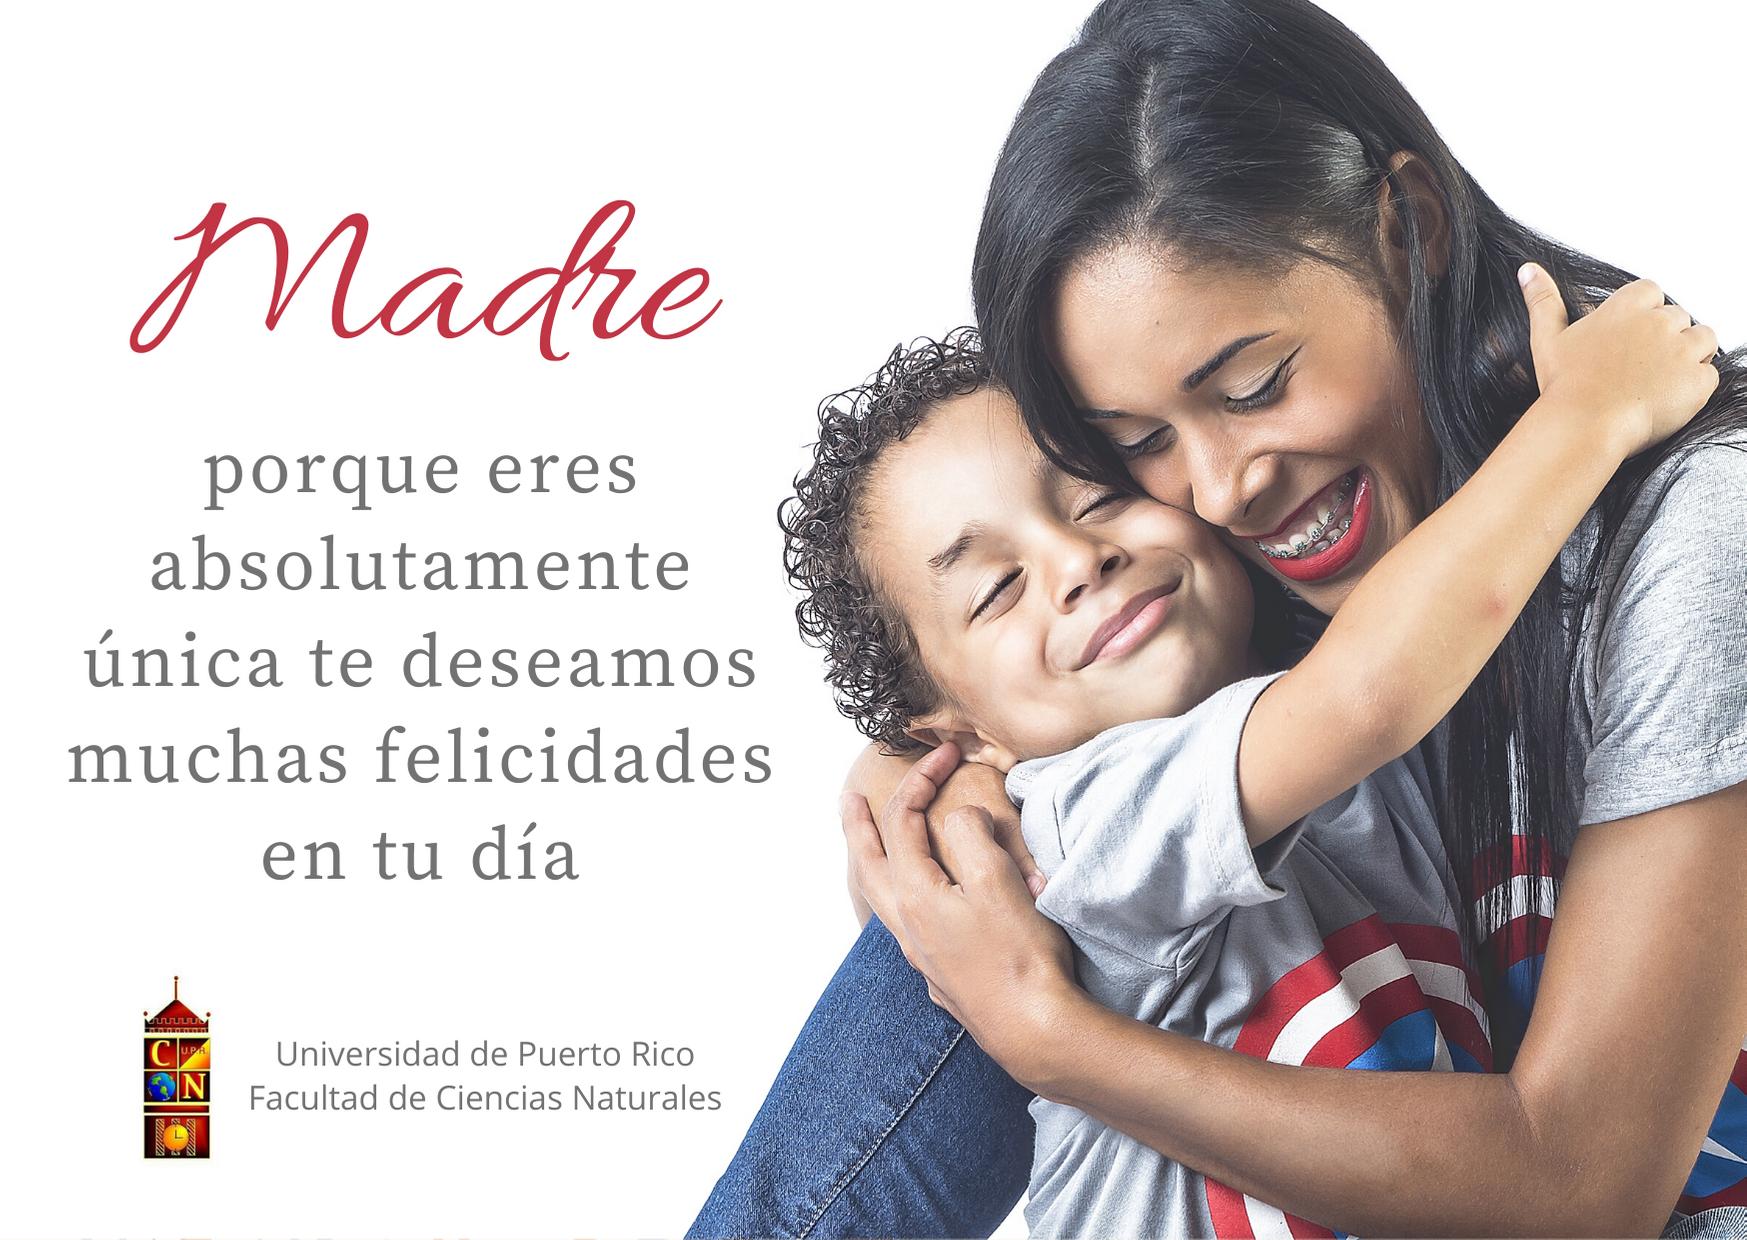 tarjeta de felicitación por motivo del día de las madres